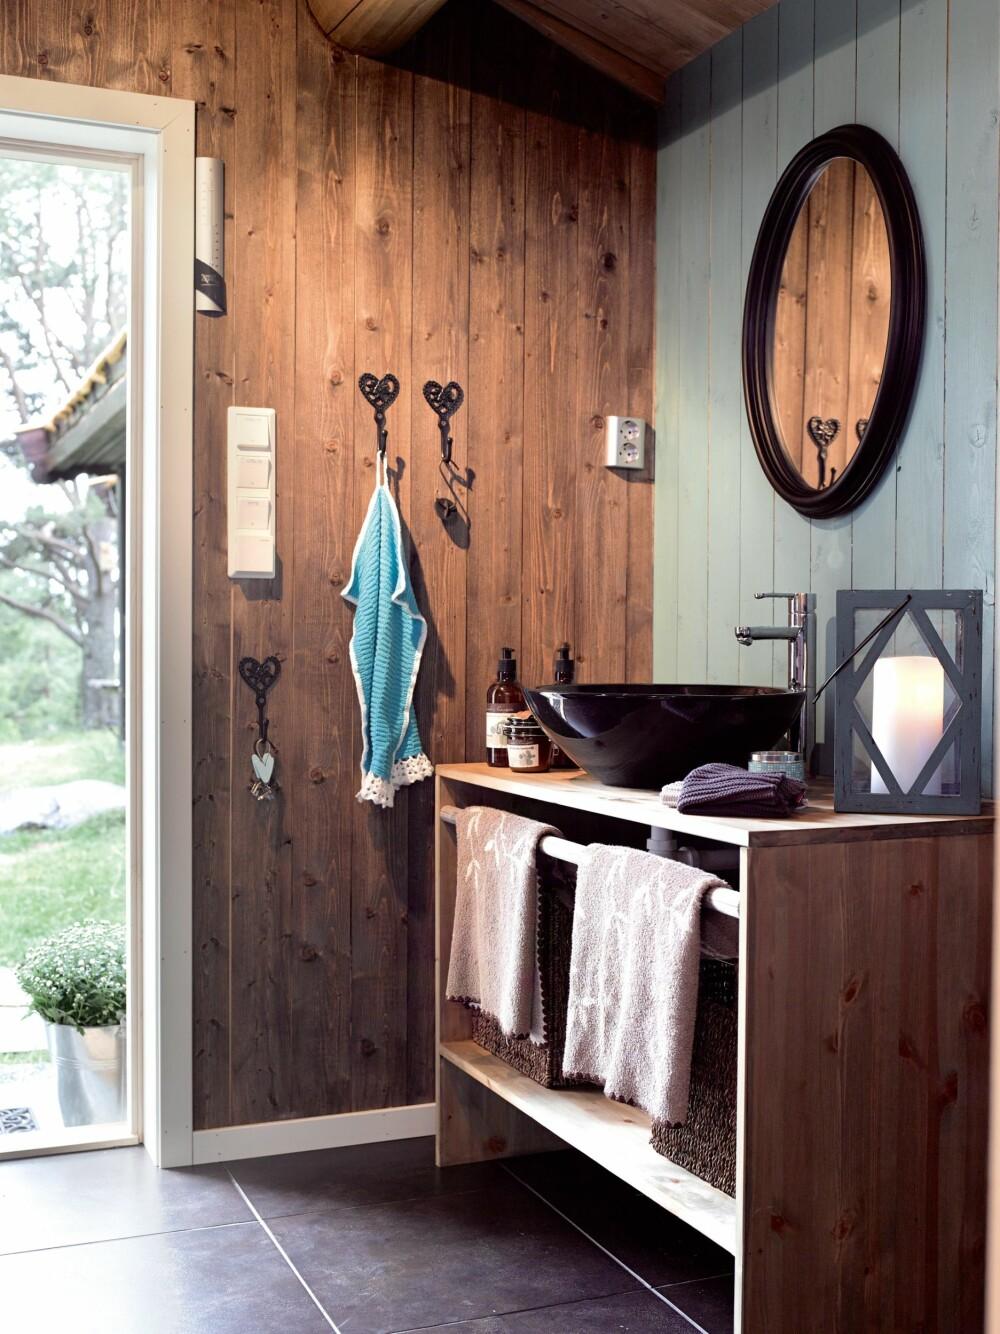 PÅ BADET: Badehuset rommer både dusj, toalett og et teknisk rom. Innredningen er laget av Sidsels far Rolf. Servant og kran fra Rørlegger`n Gjøvik og gulv fra Fagflis, detaljer fra Kremmerhuset.